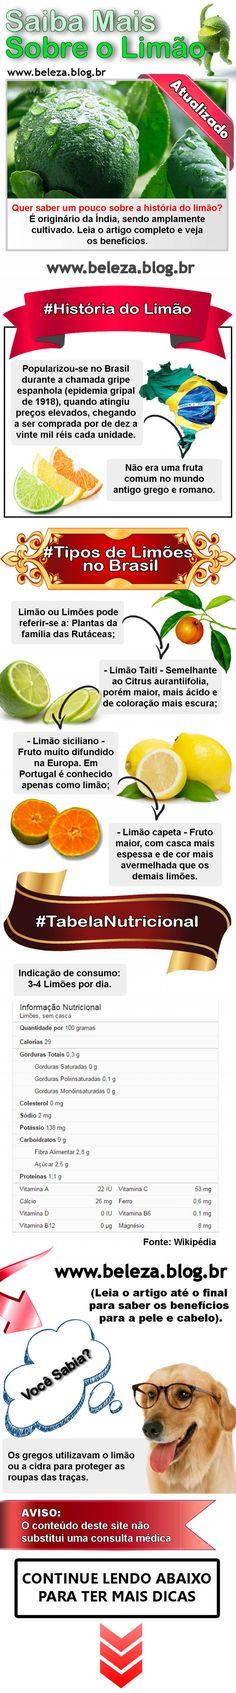 beleza.blog.br.limao-30-incriveis-beneficios-para-pele-cabelo-e-saude